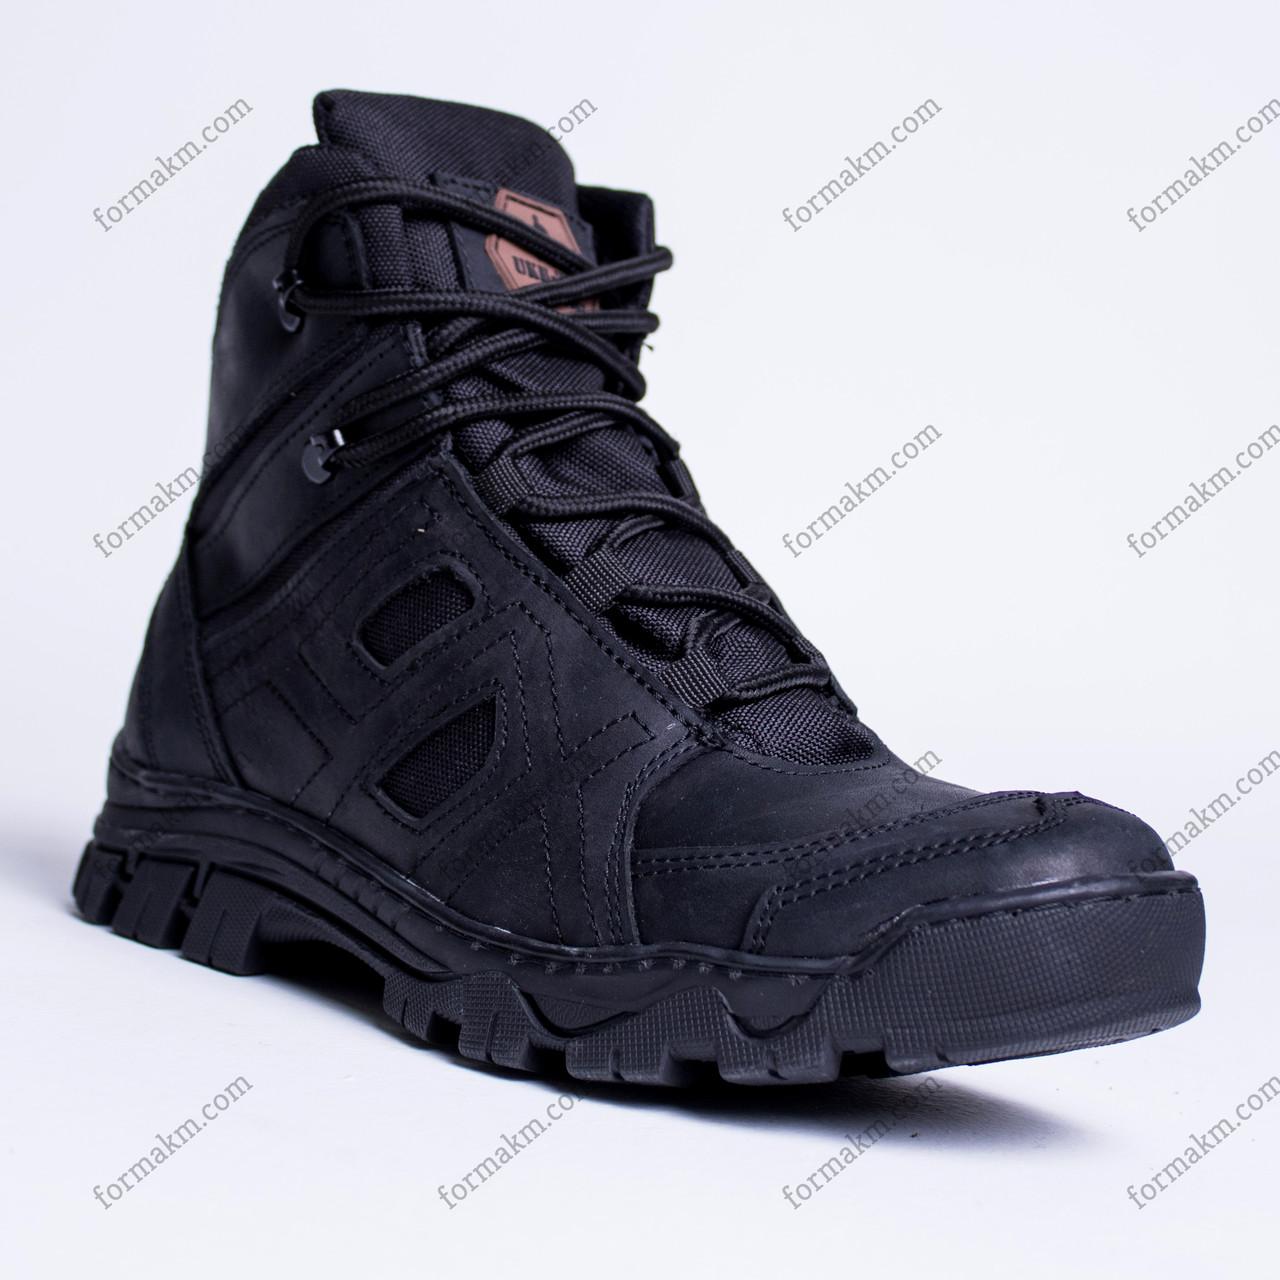 Тактические Ботинки Caiman Black